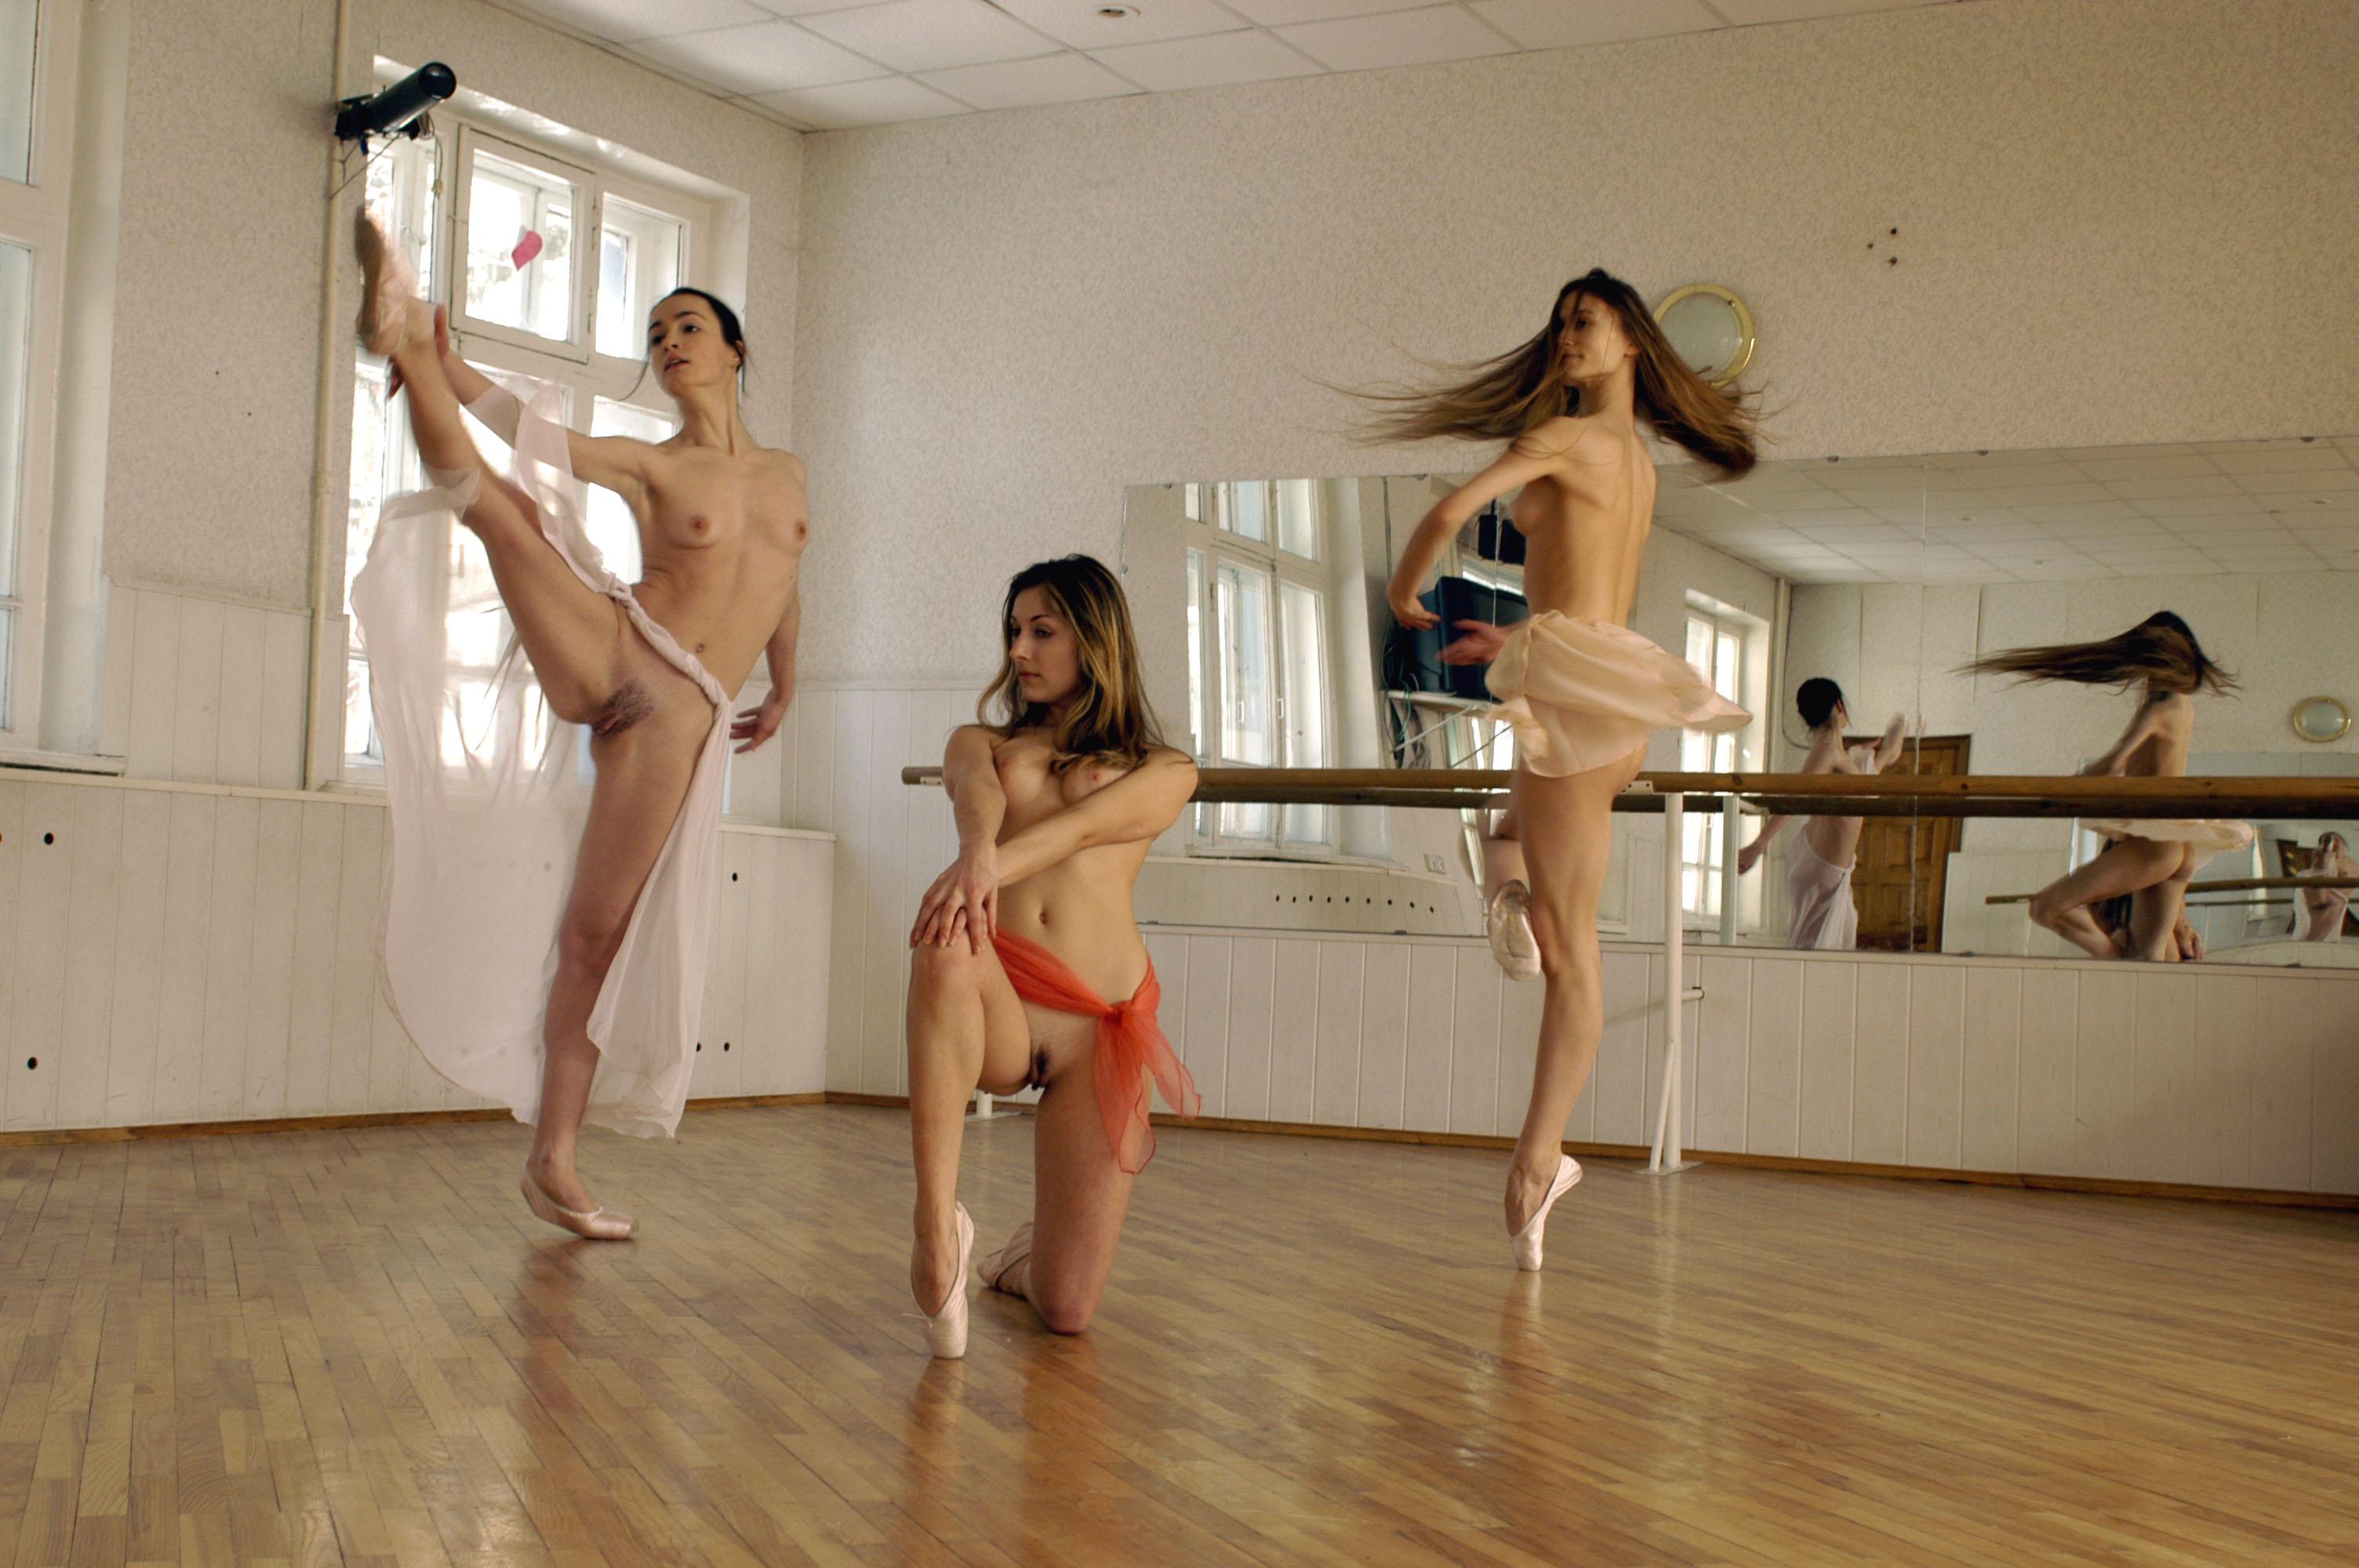 подскажите в каком клипе на подтанцовке голые девушки